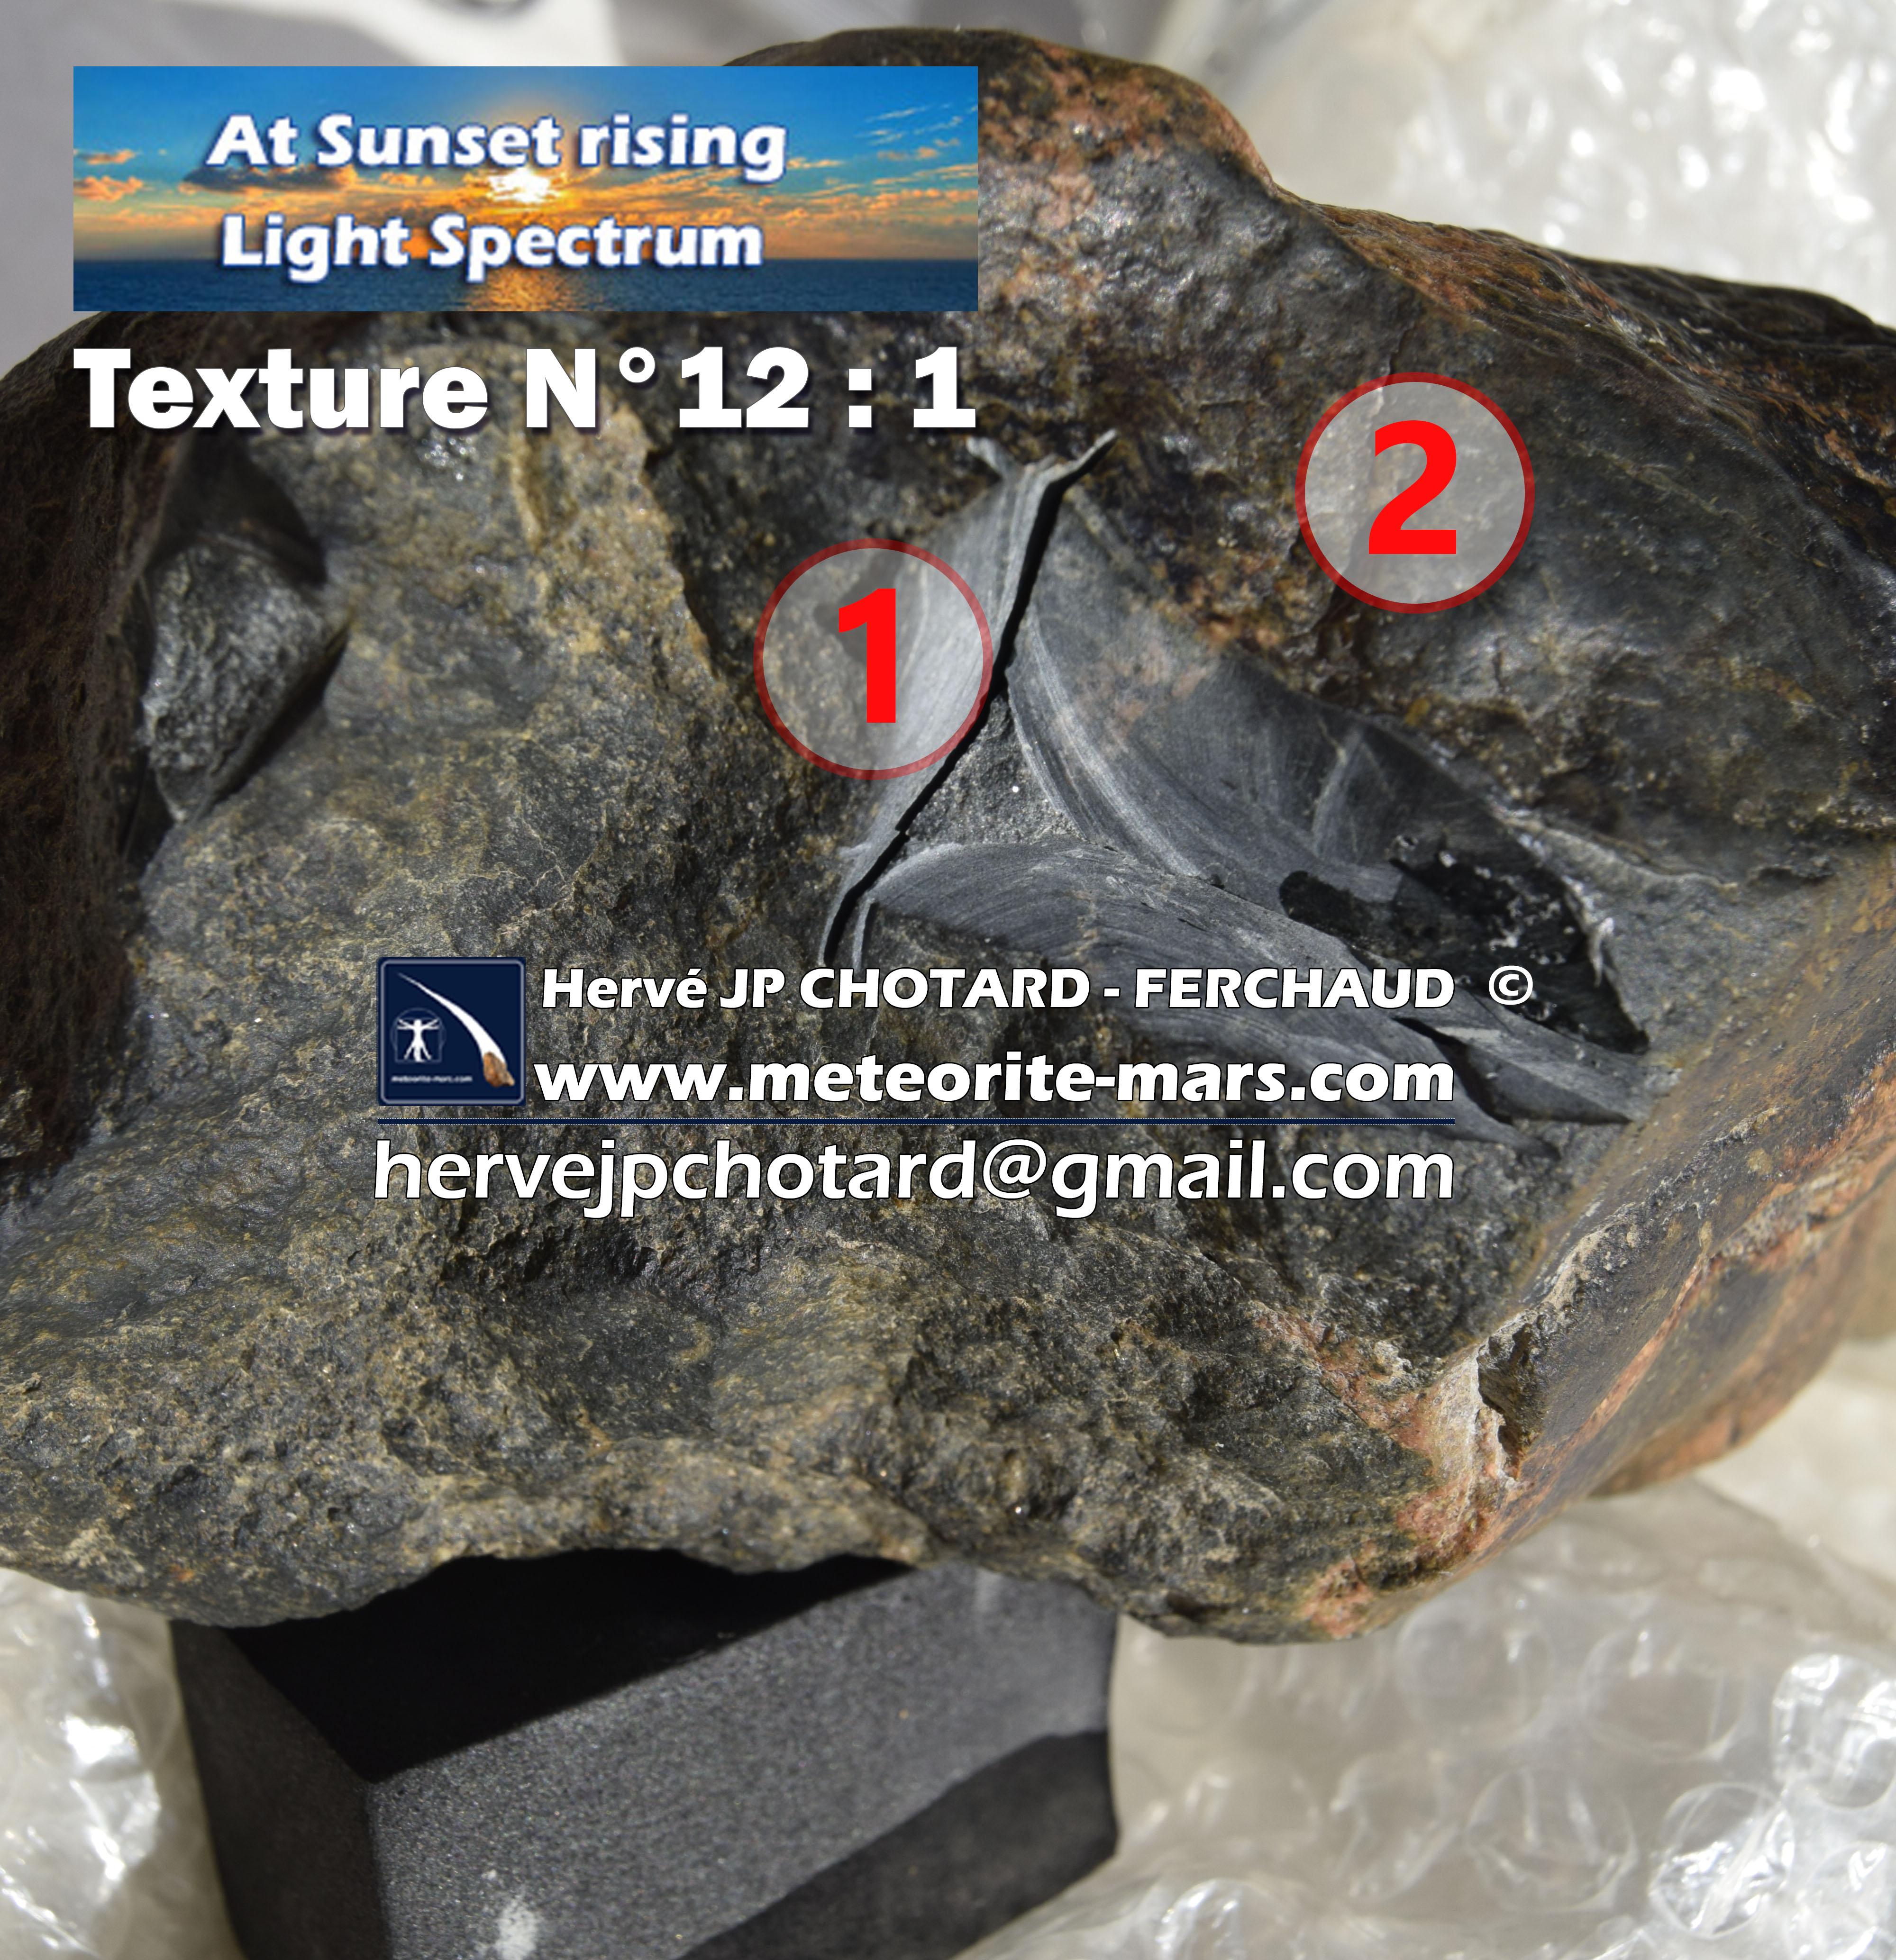 texture N°12-1 meteorite-mars.com